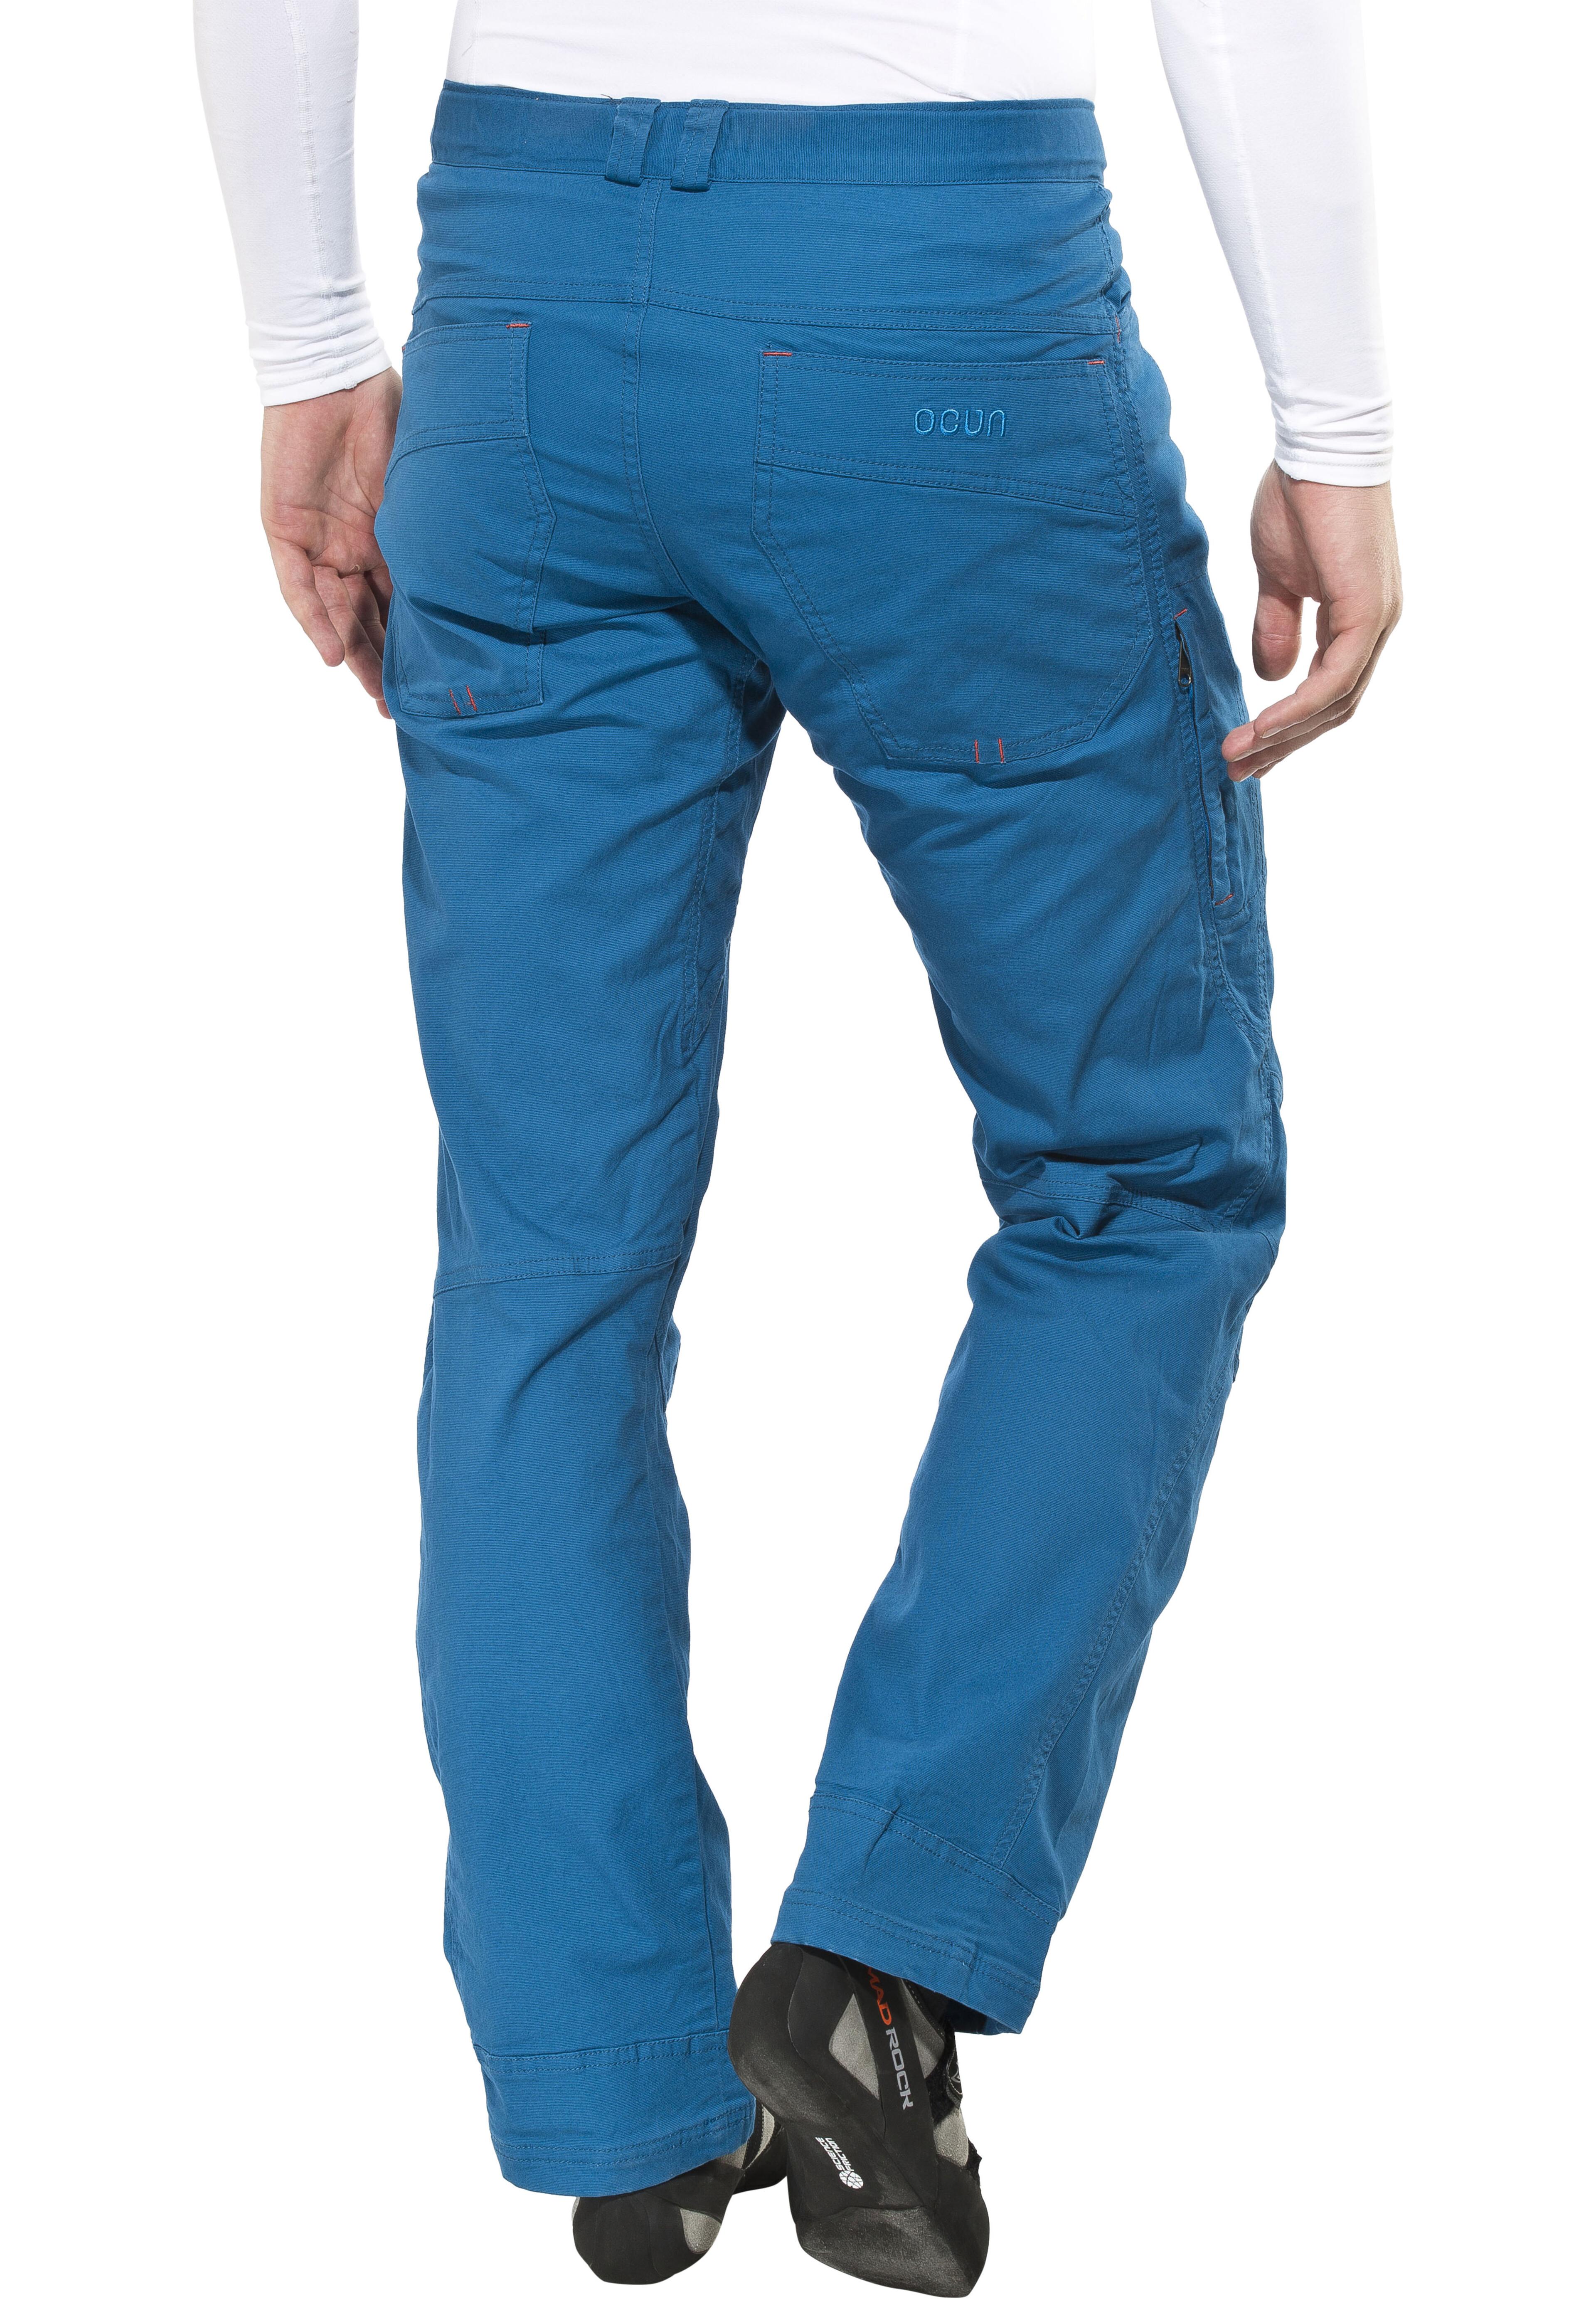 3e4a658b1fdc9 Ocun Honk - Pantalones Hombre - azul